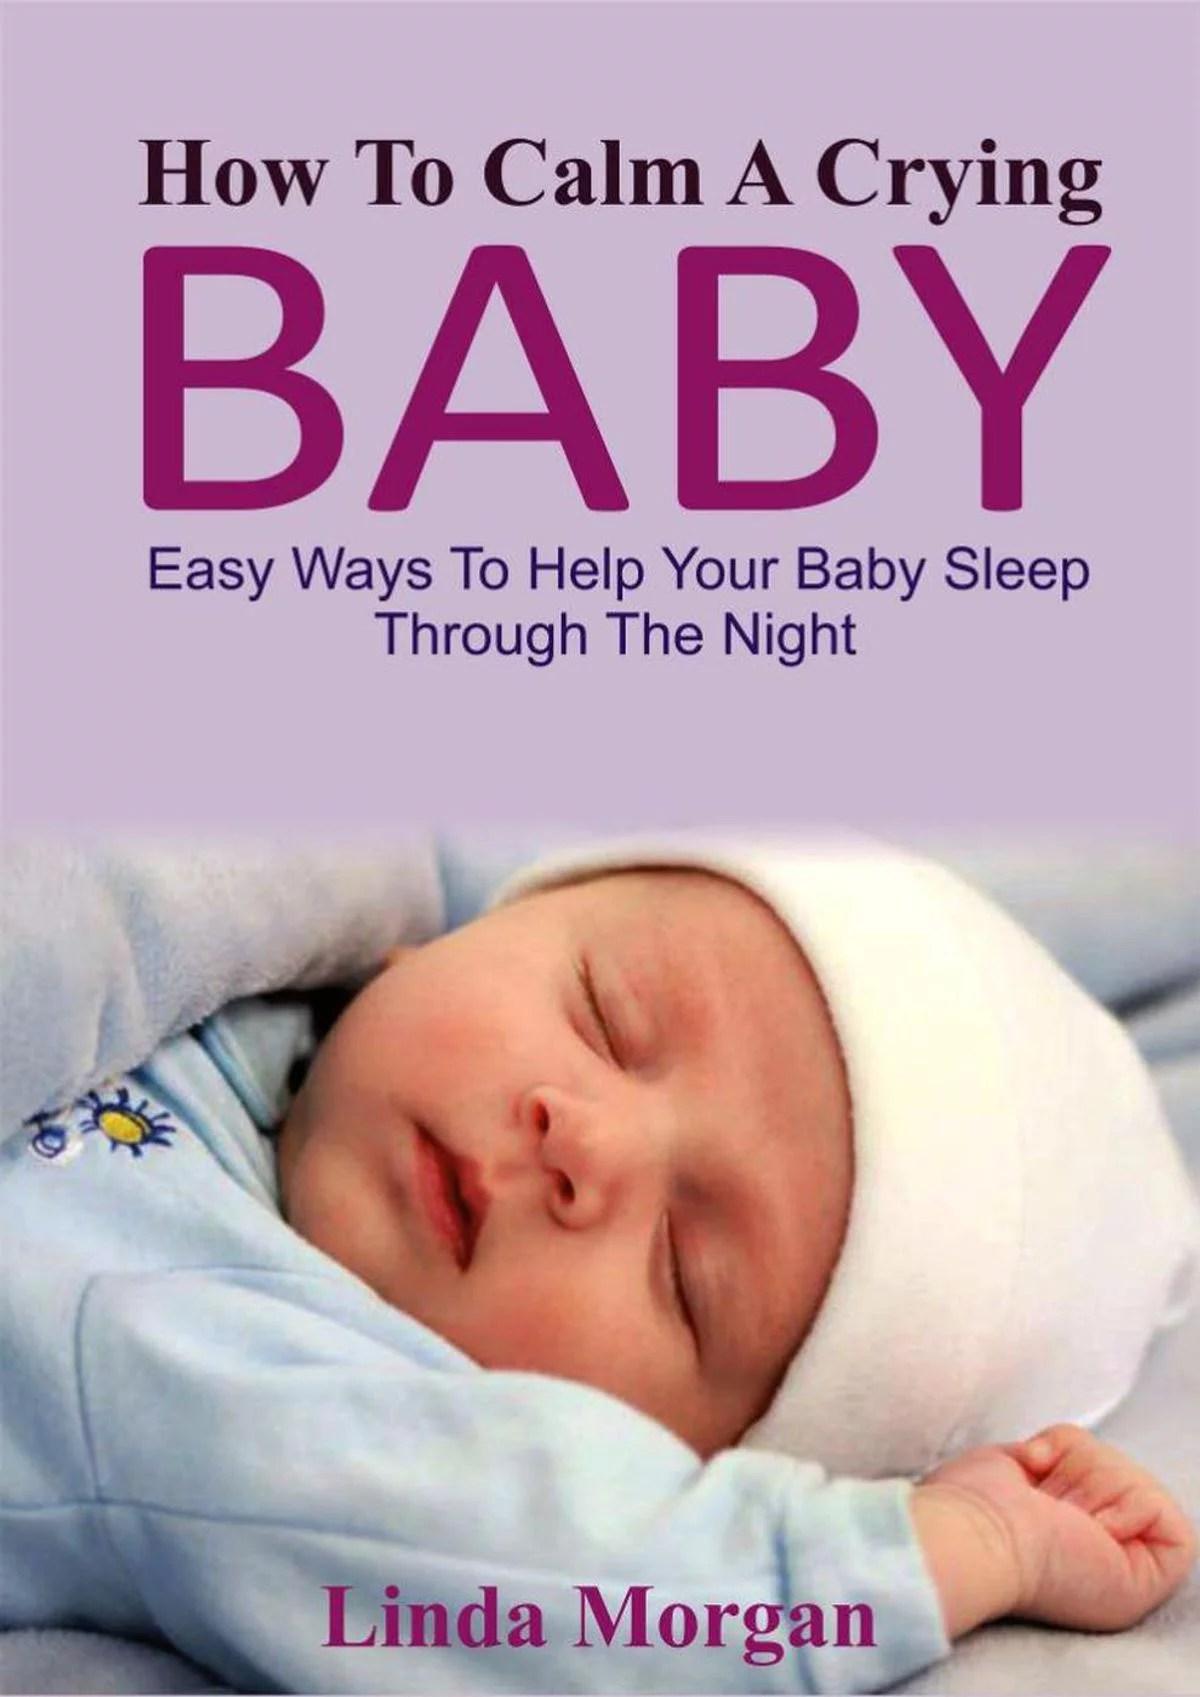 How To Calm A Crying Baby - eBook - Walmart.com - Walmart.com